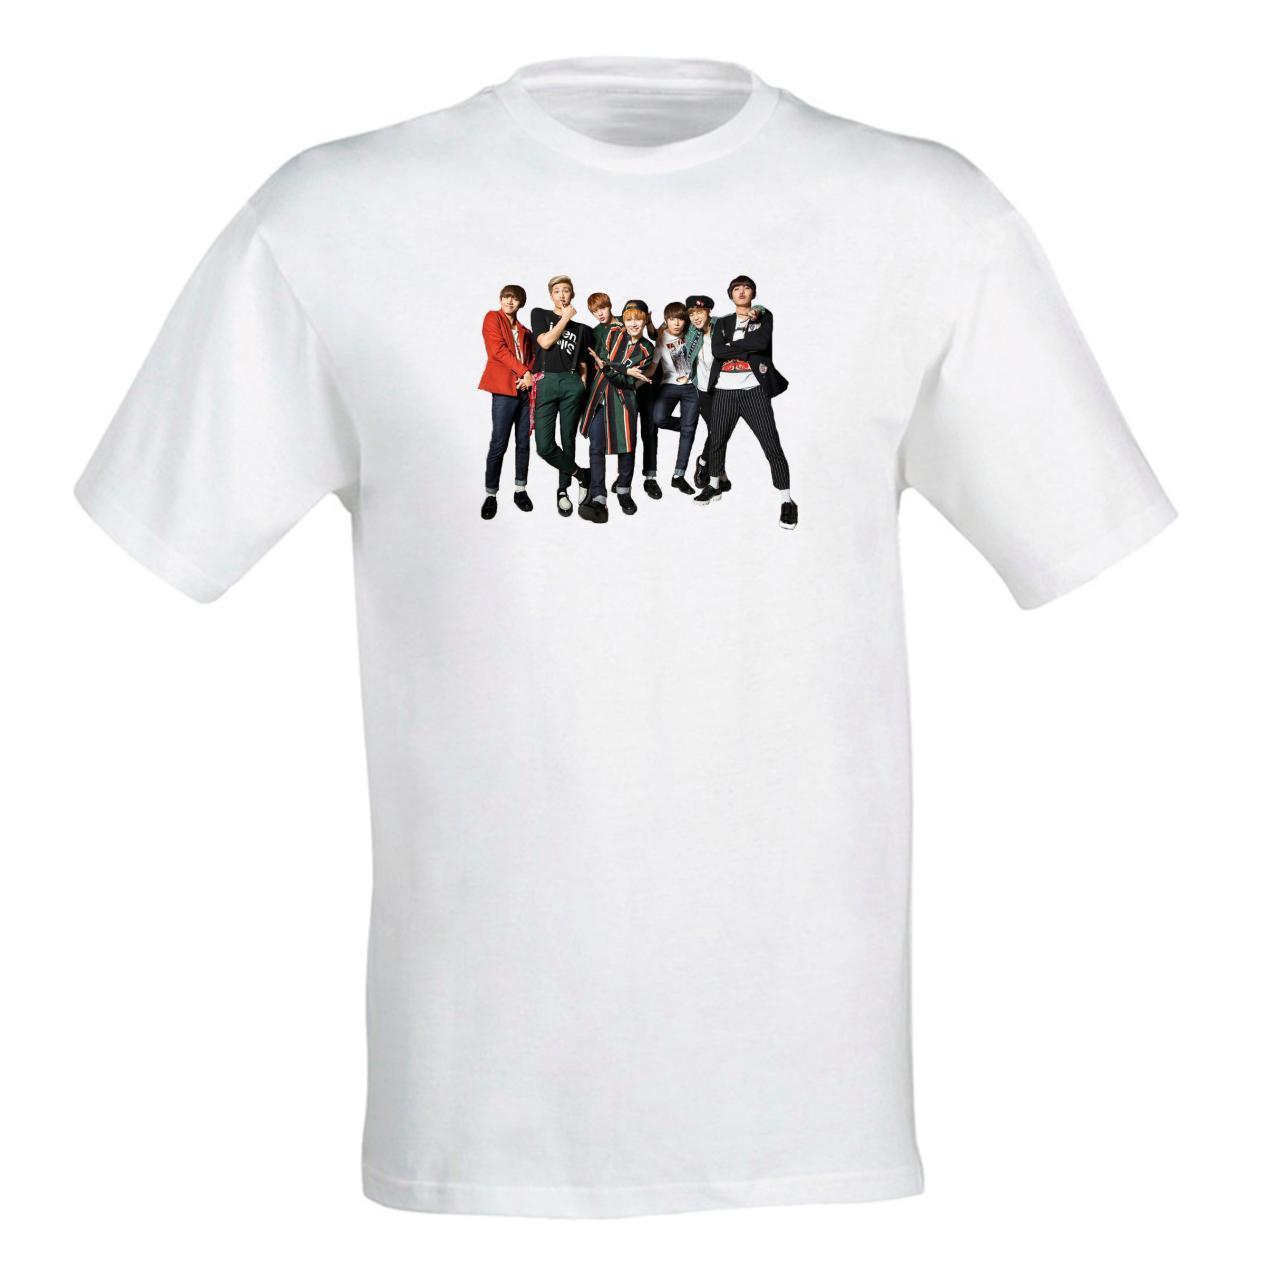 Жіноча футболка з принтом групи BTS 11 Push IT